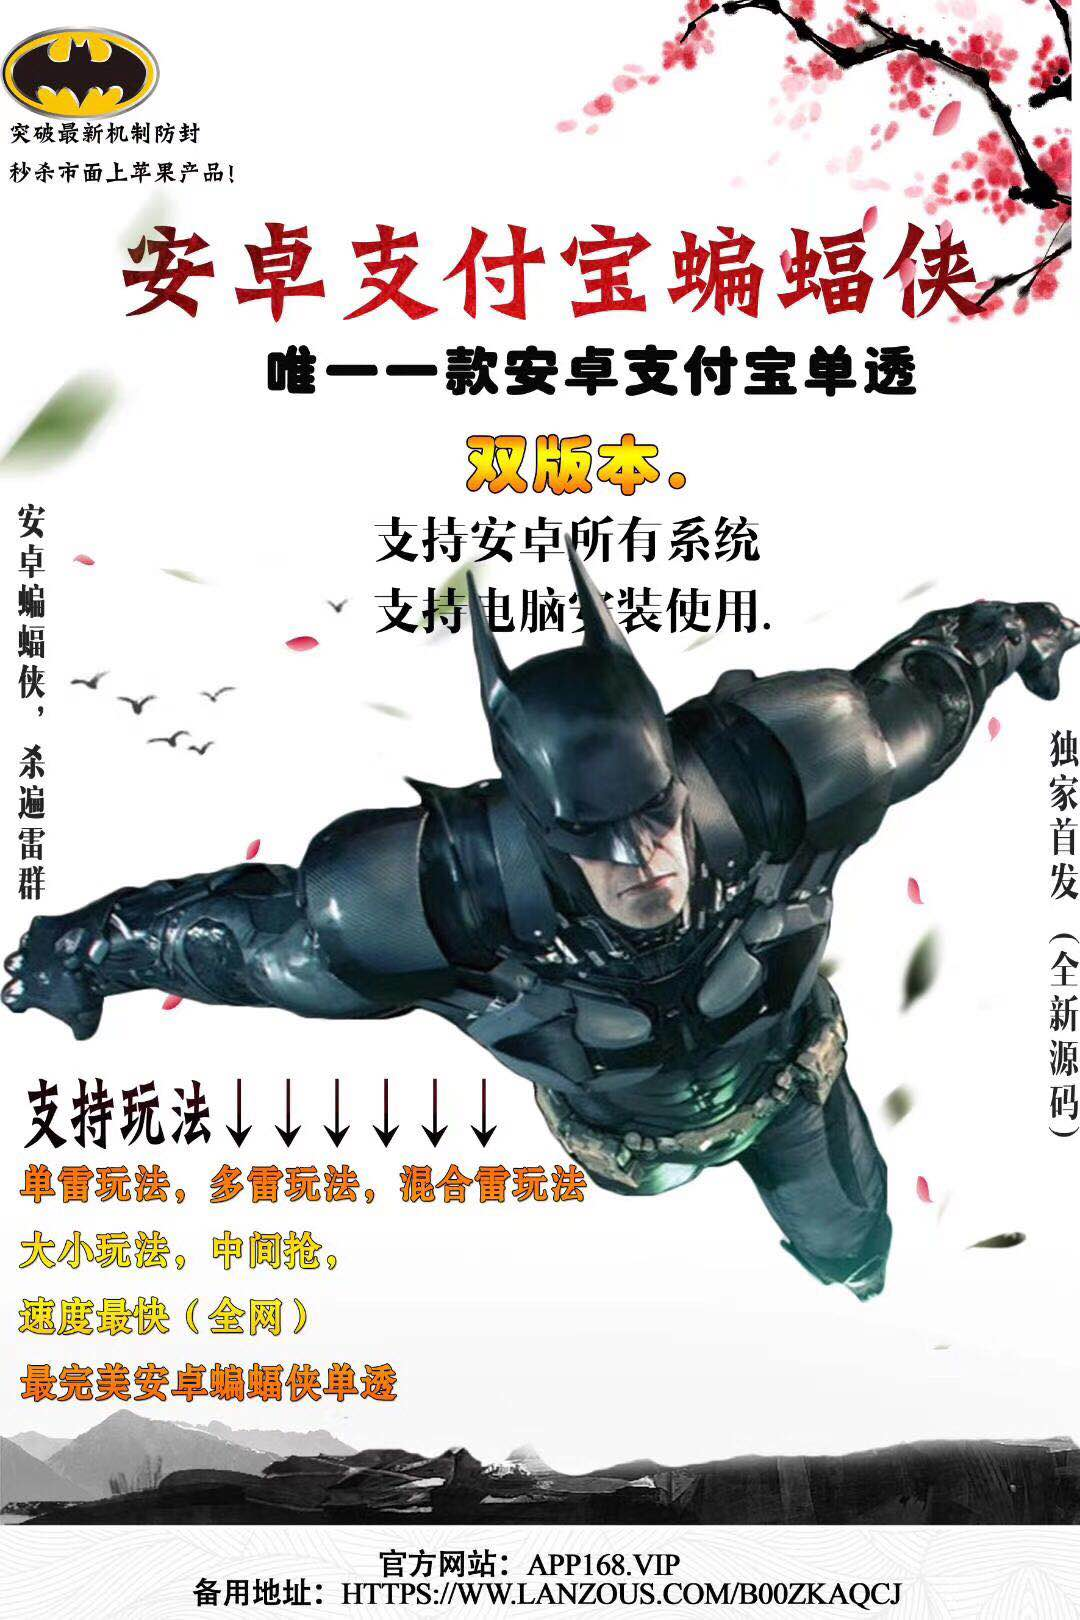 【安卓支付宝蝙蝠侠单透周卡】单雷玩法,多雷玩法,混合雷玩法